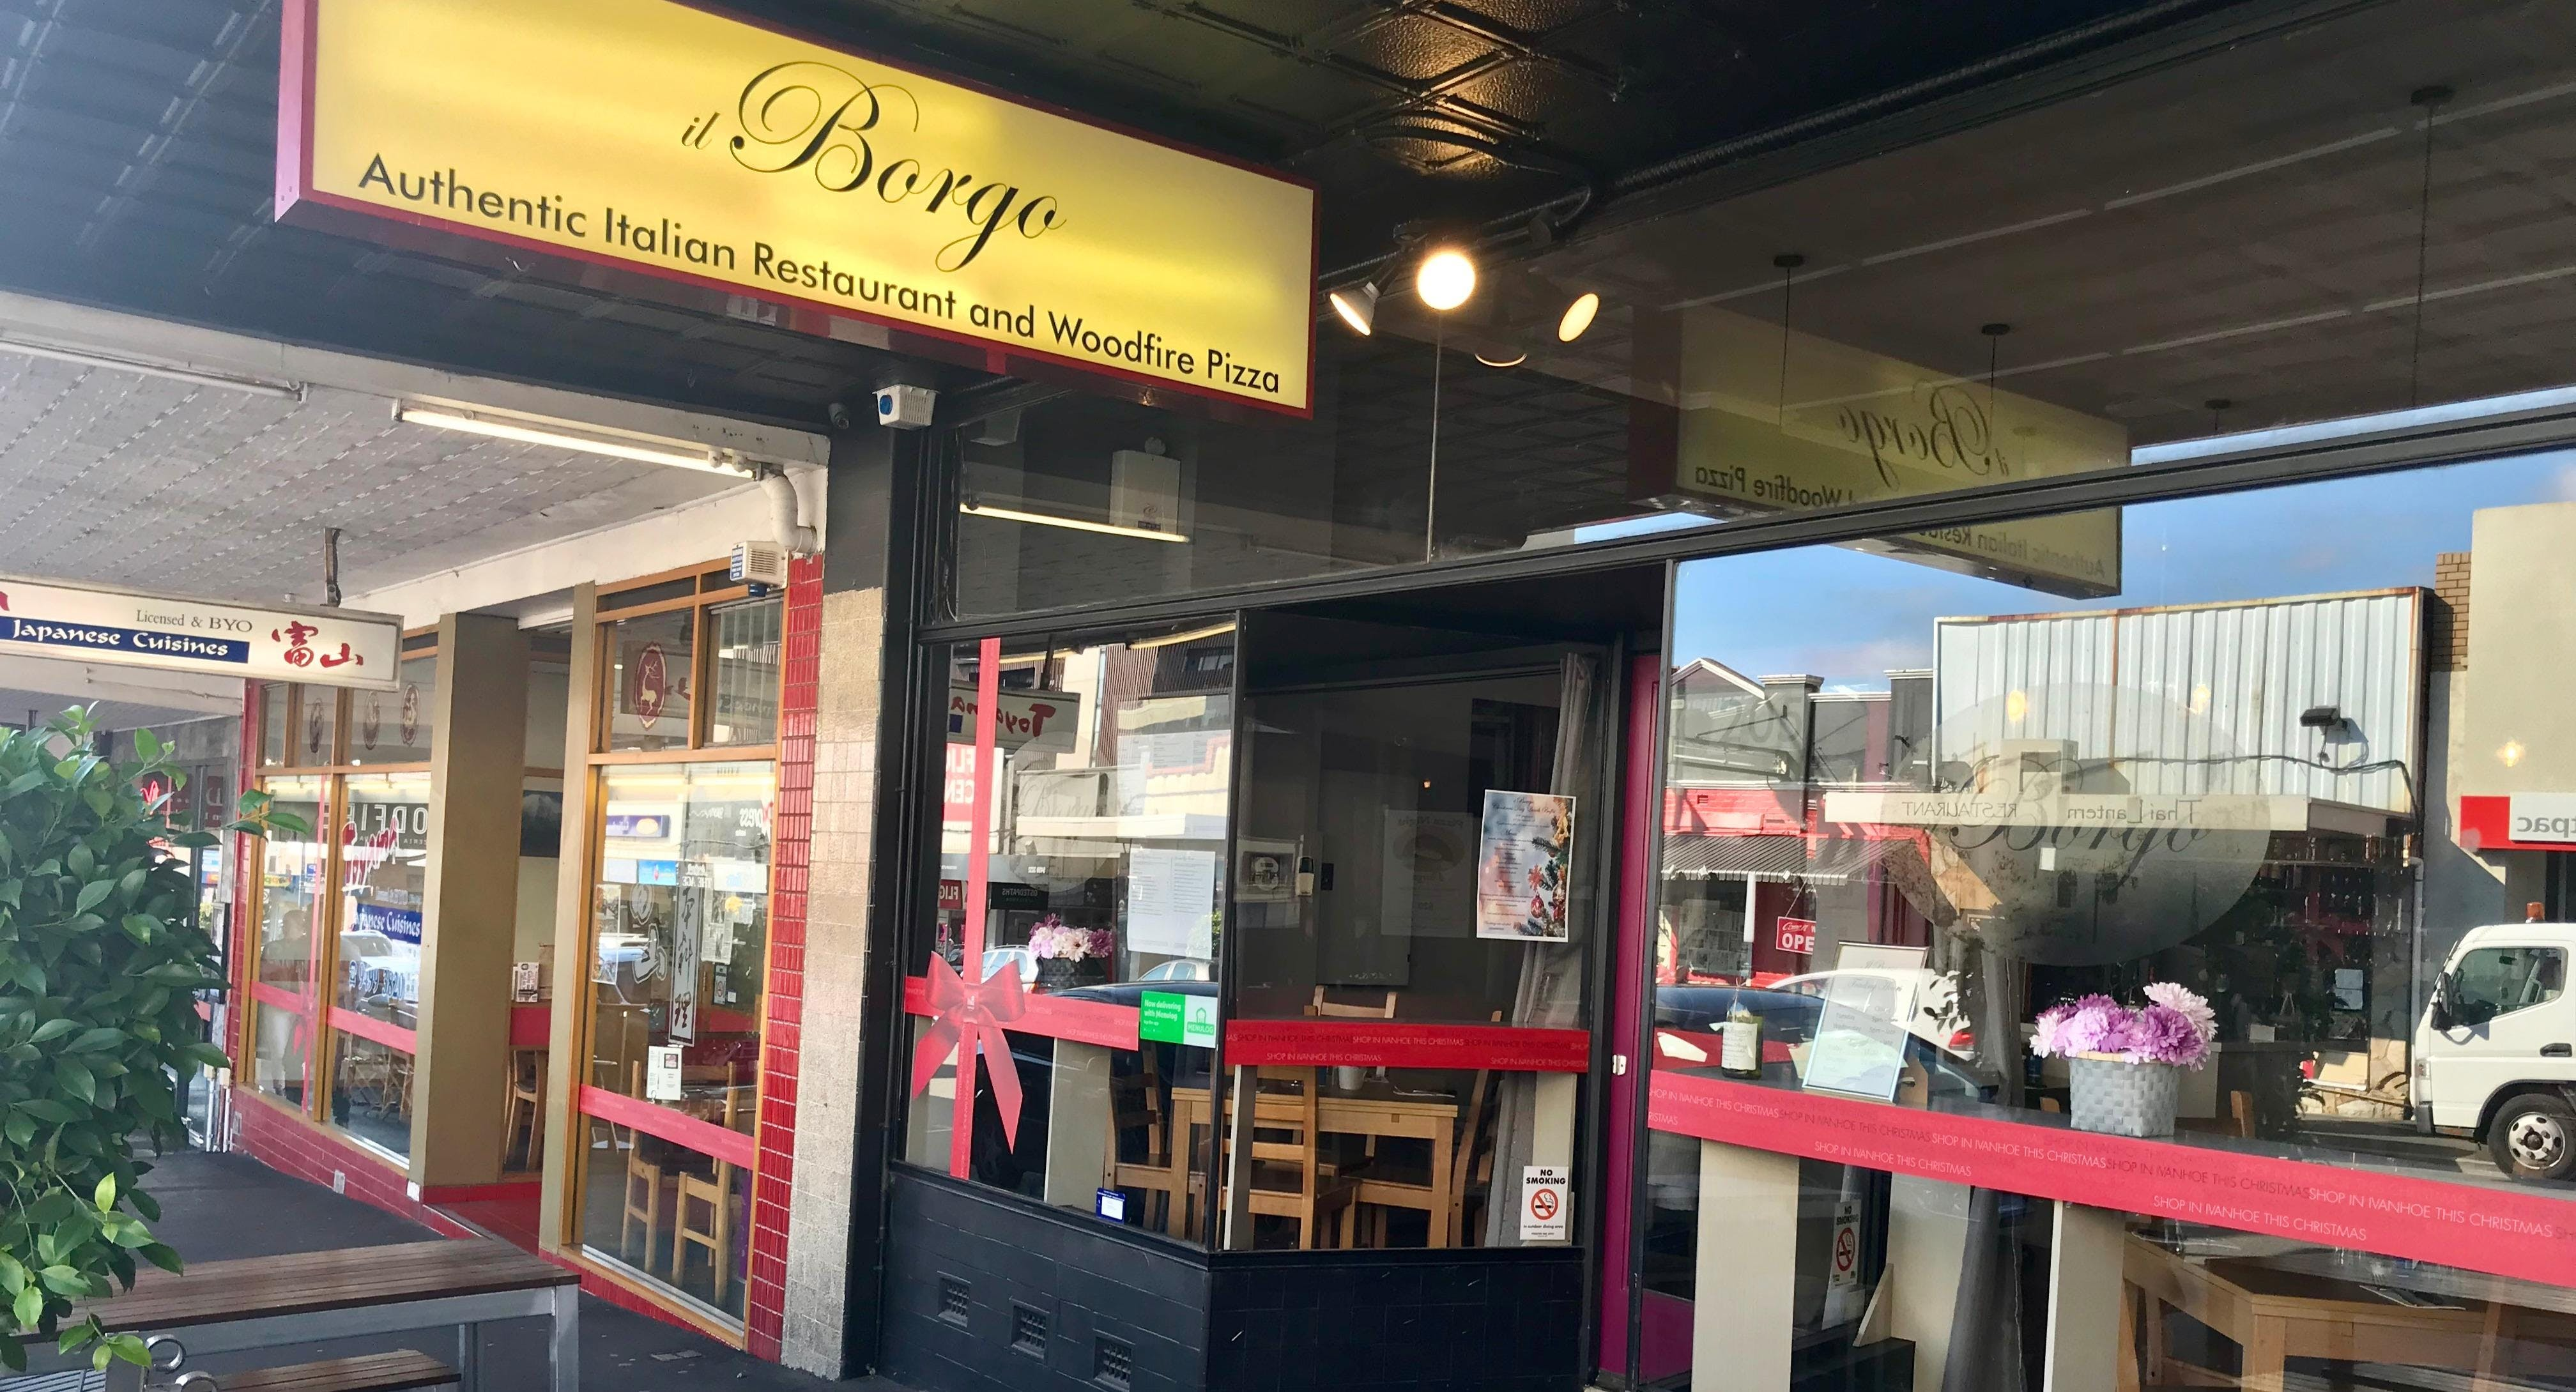 il Borgo Melbourne image 2